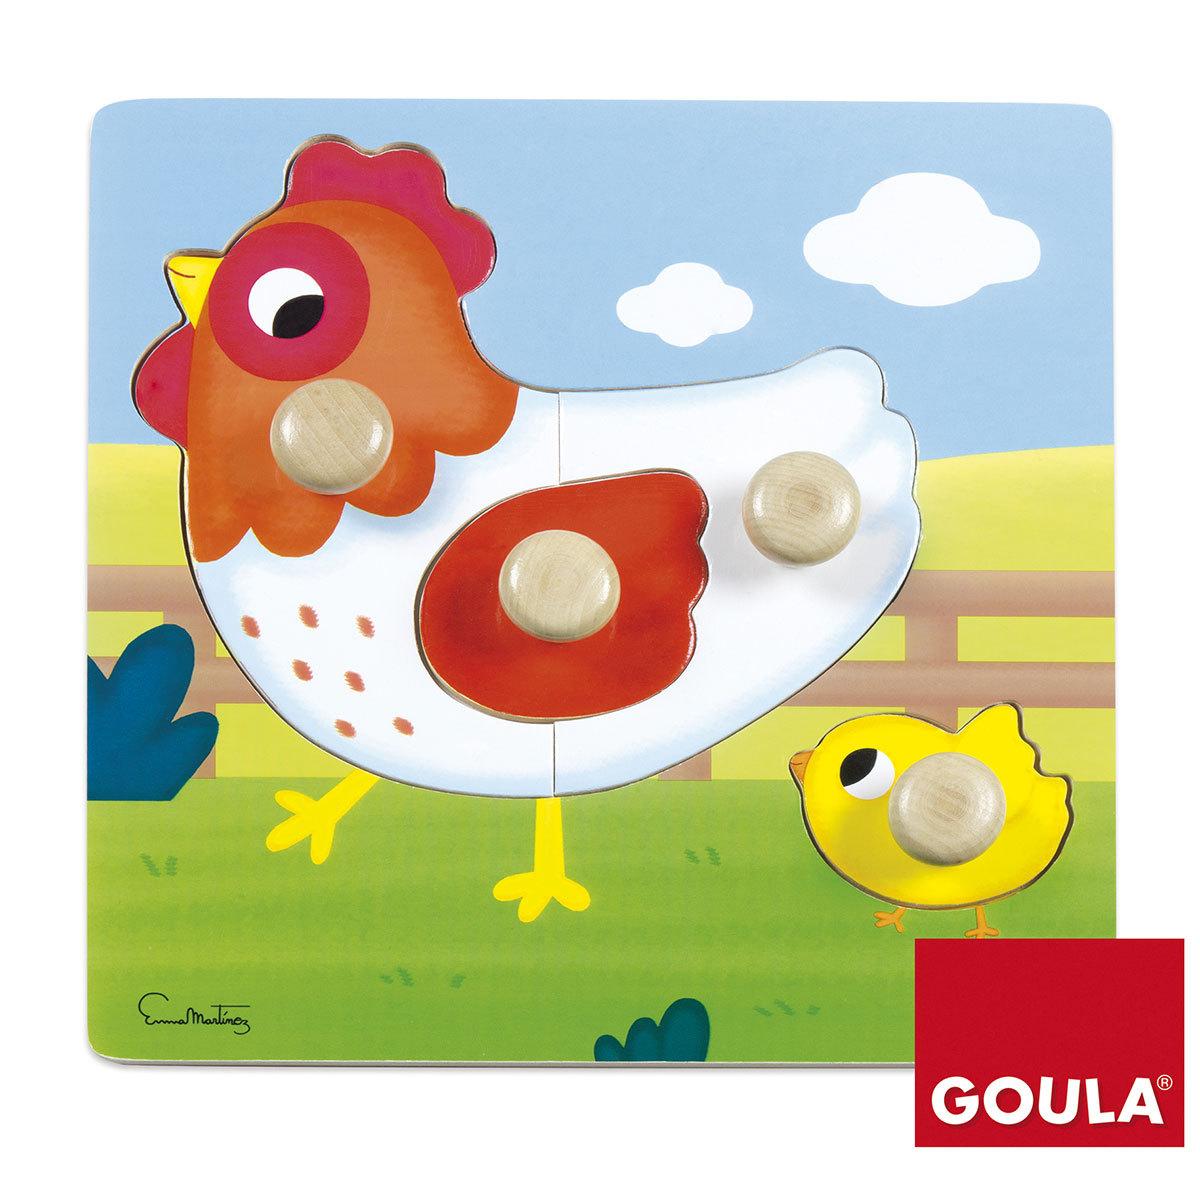 Mes premiers jouets Puzzle Poule 22 x 22 cm Puzzle Poule 22 x 22 cm